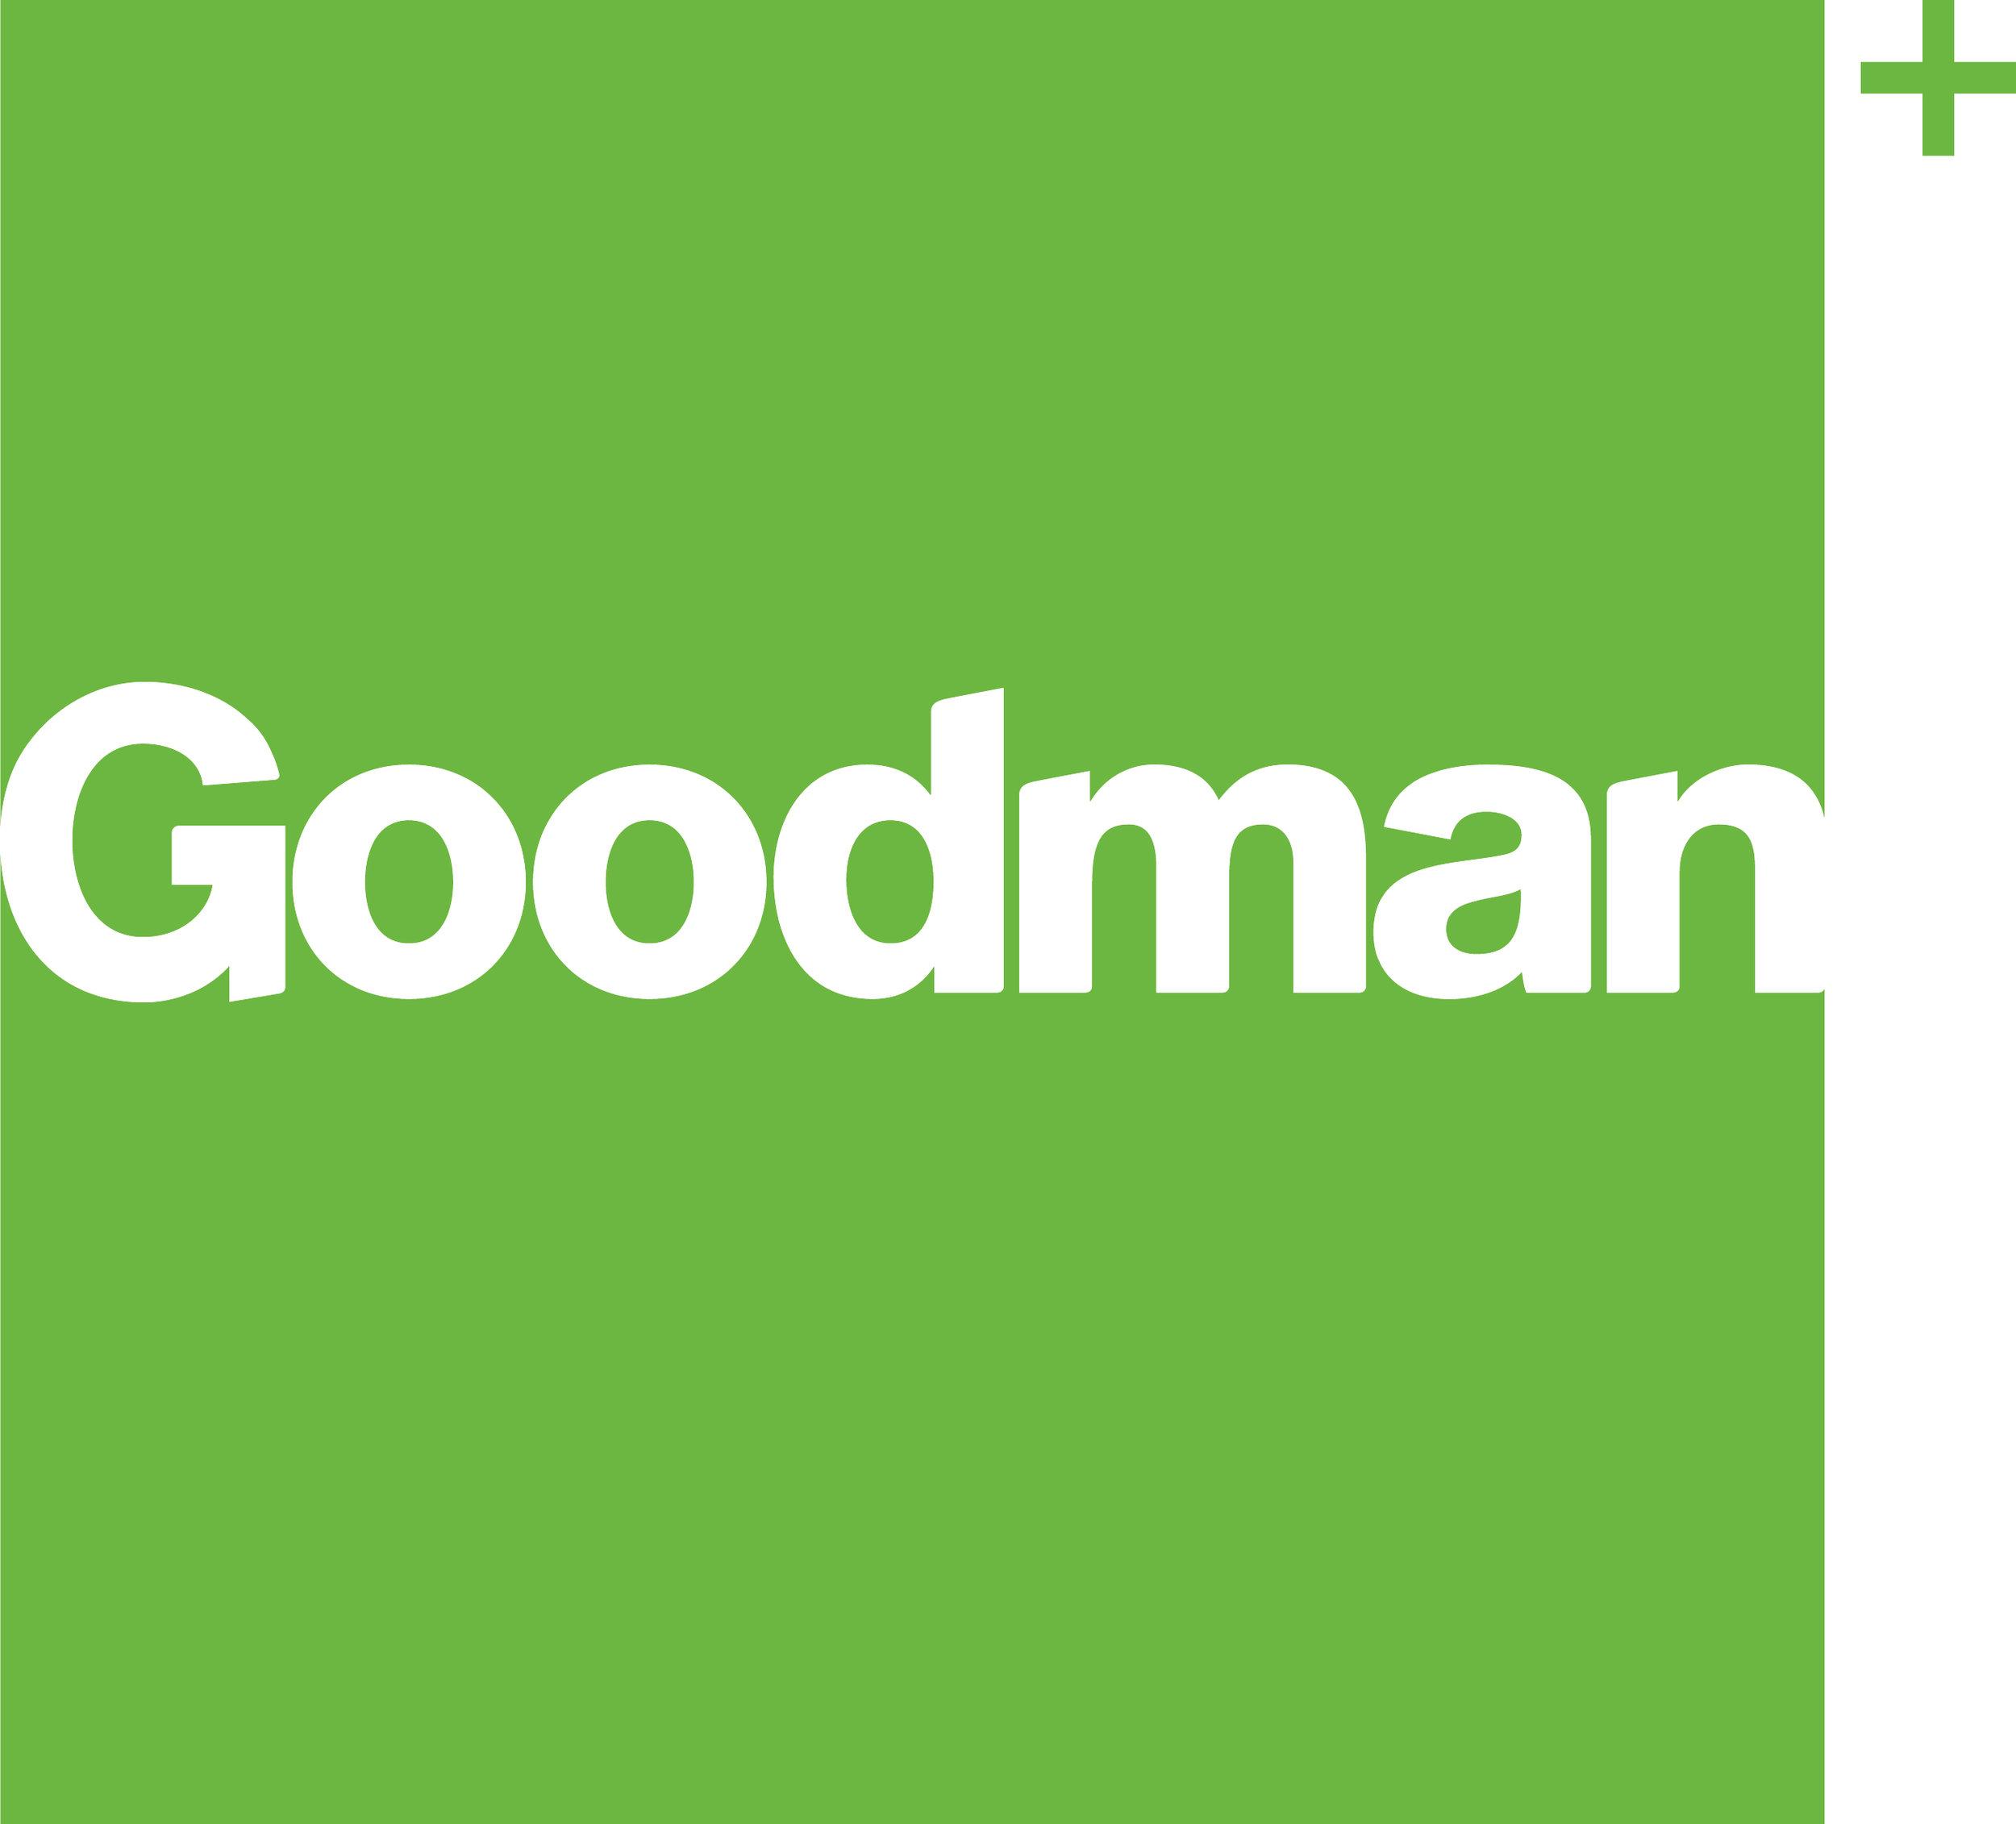 Goodman_Logo_rgb.jpg